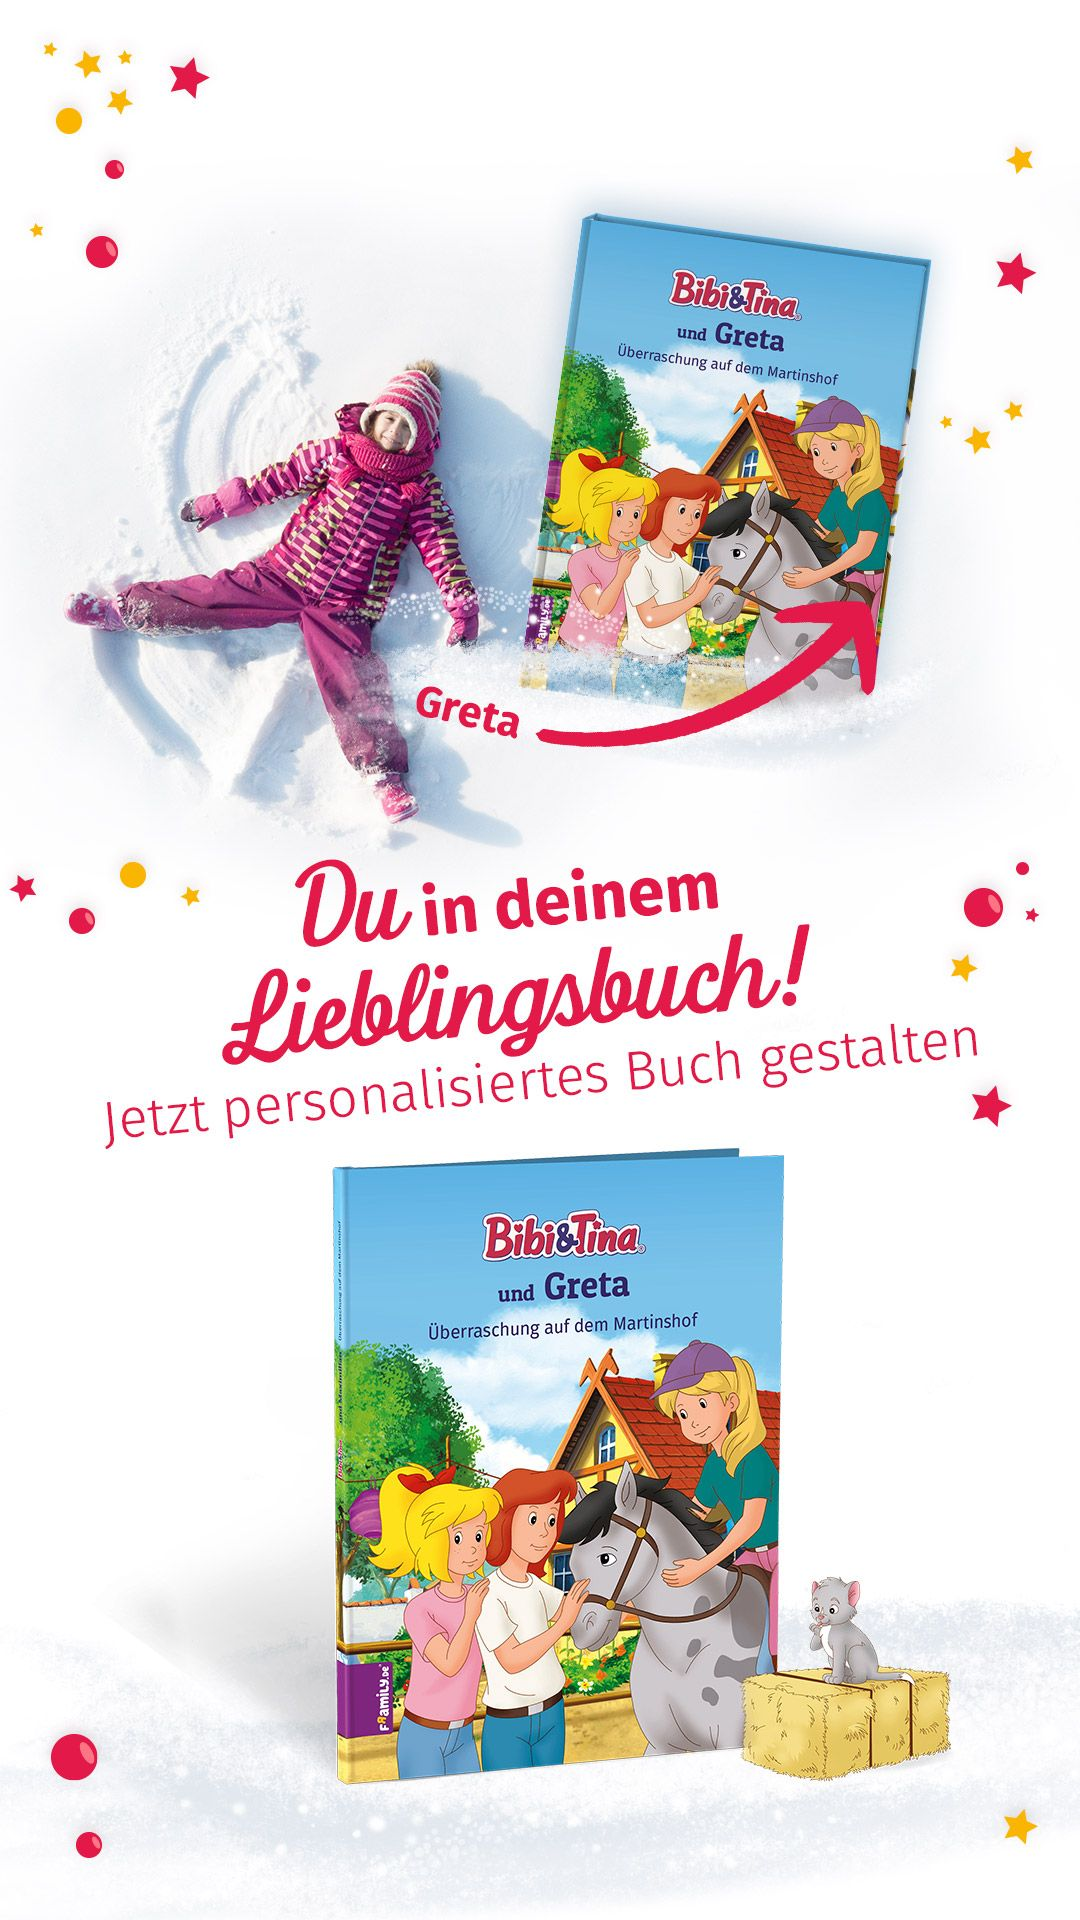 Personalisiertes Kinderbuch Mit Bibi Und Tina Kinderbucher Personalisierte Geschenke Bibi Und Tina